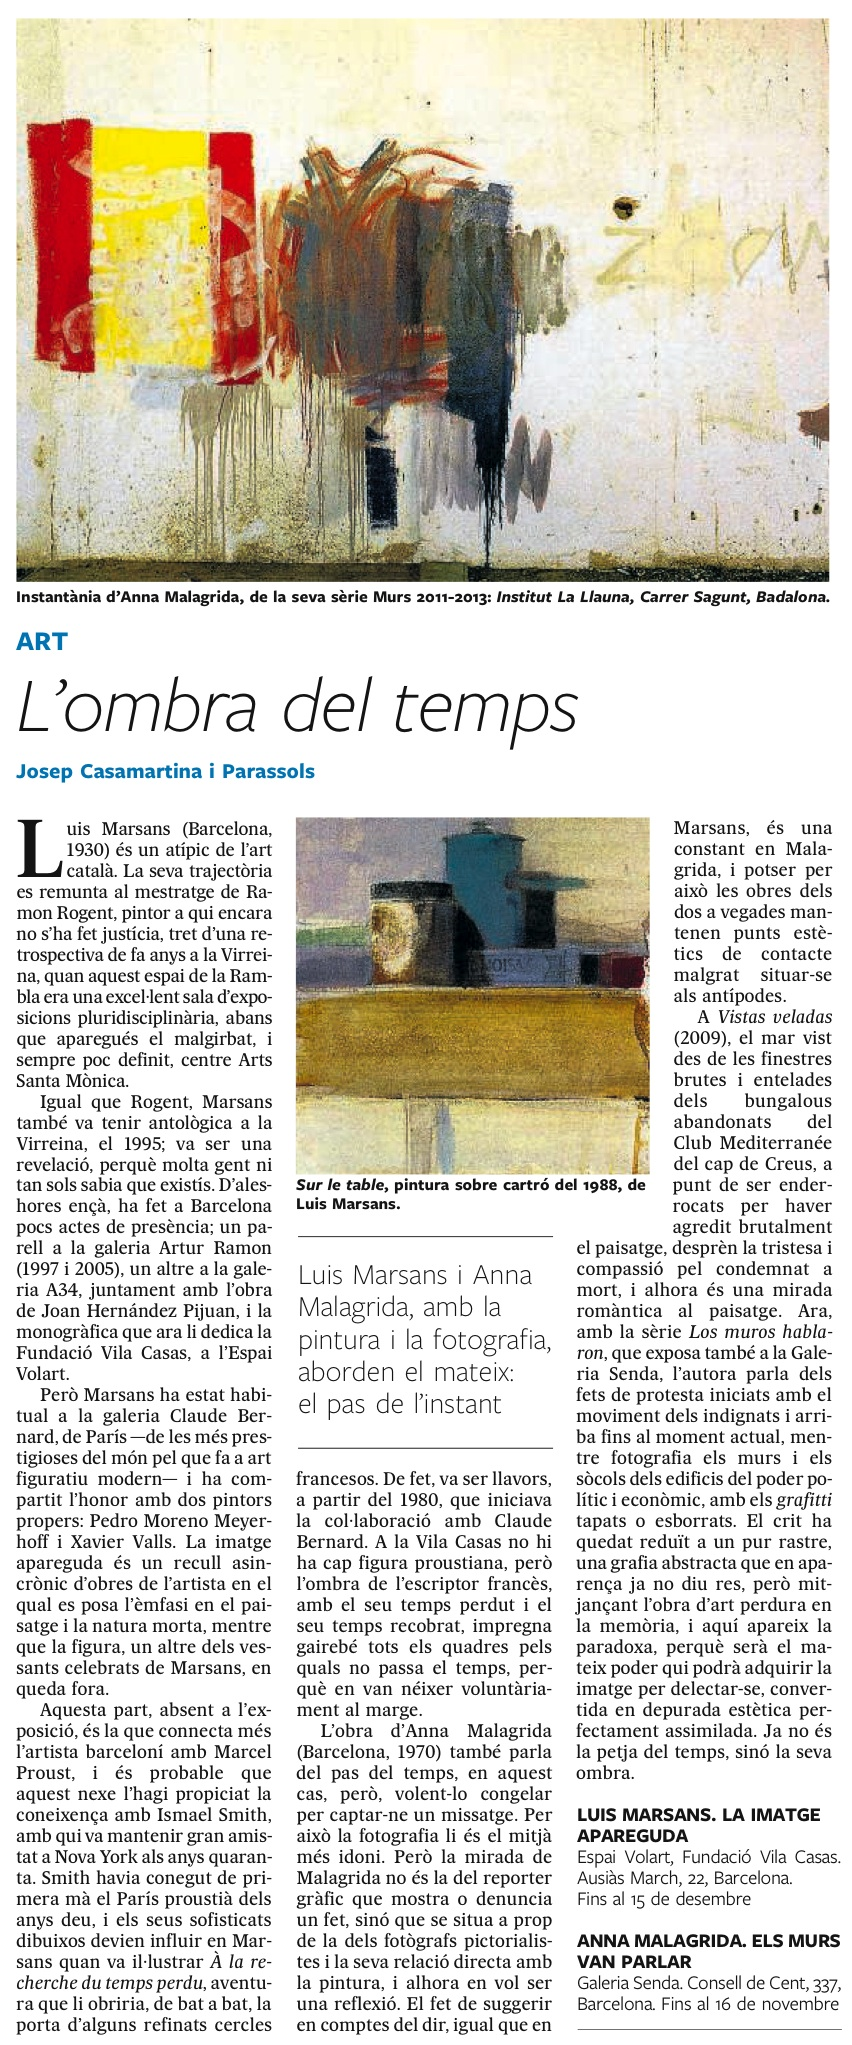 El País Quadern – L'ombra del temps